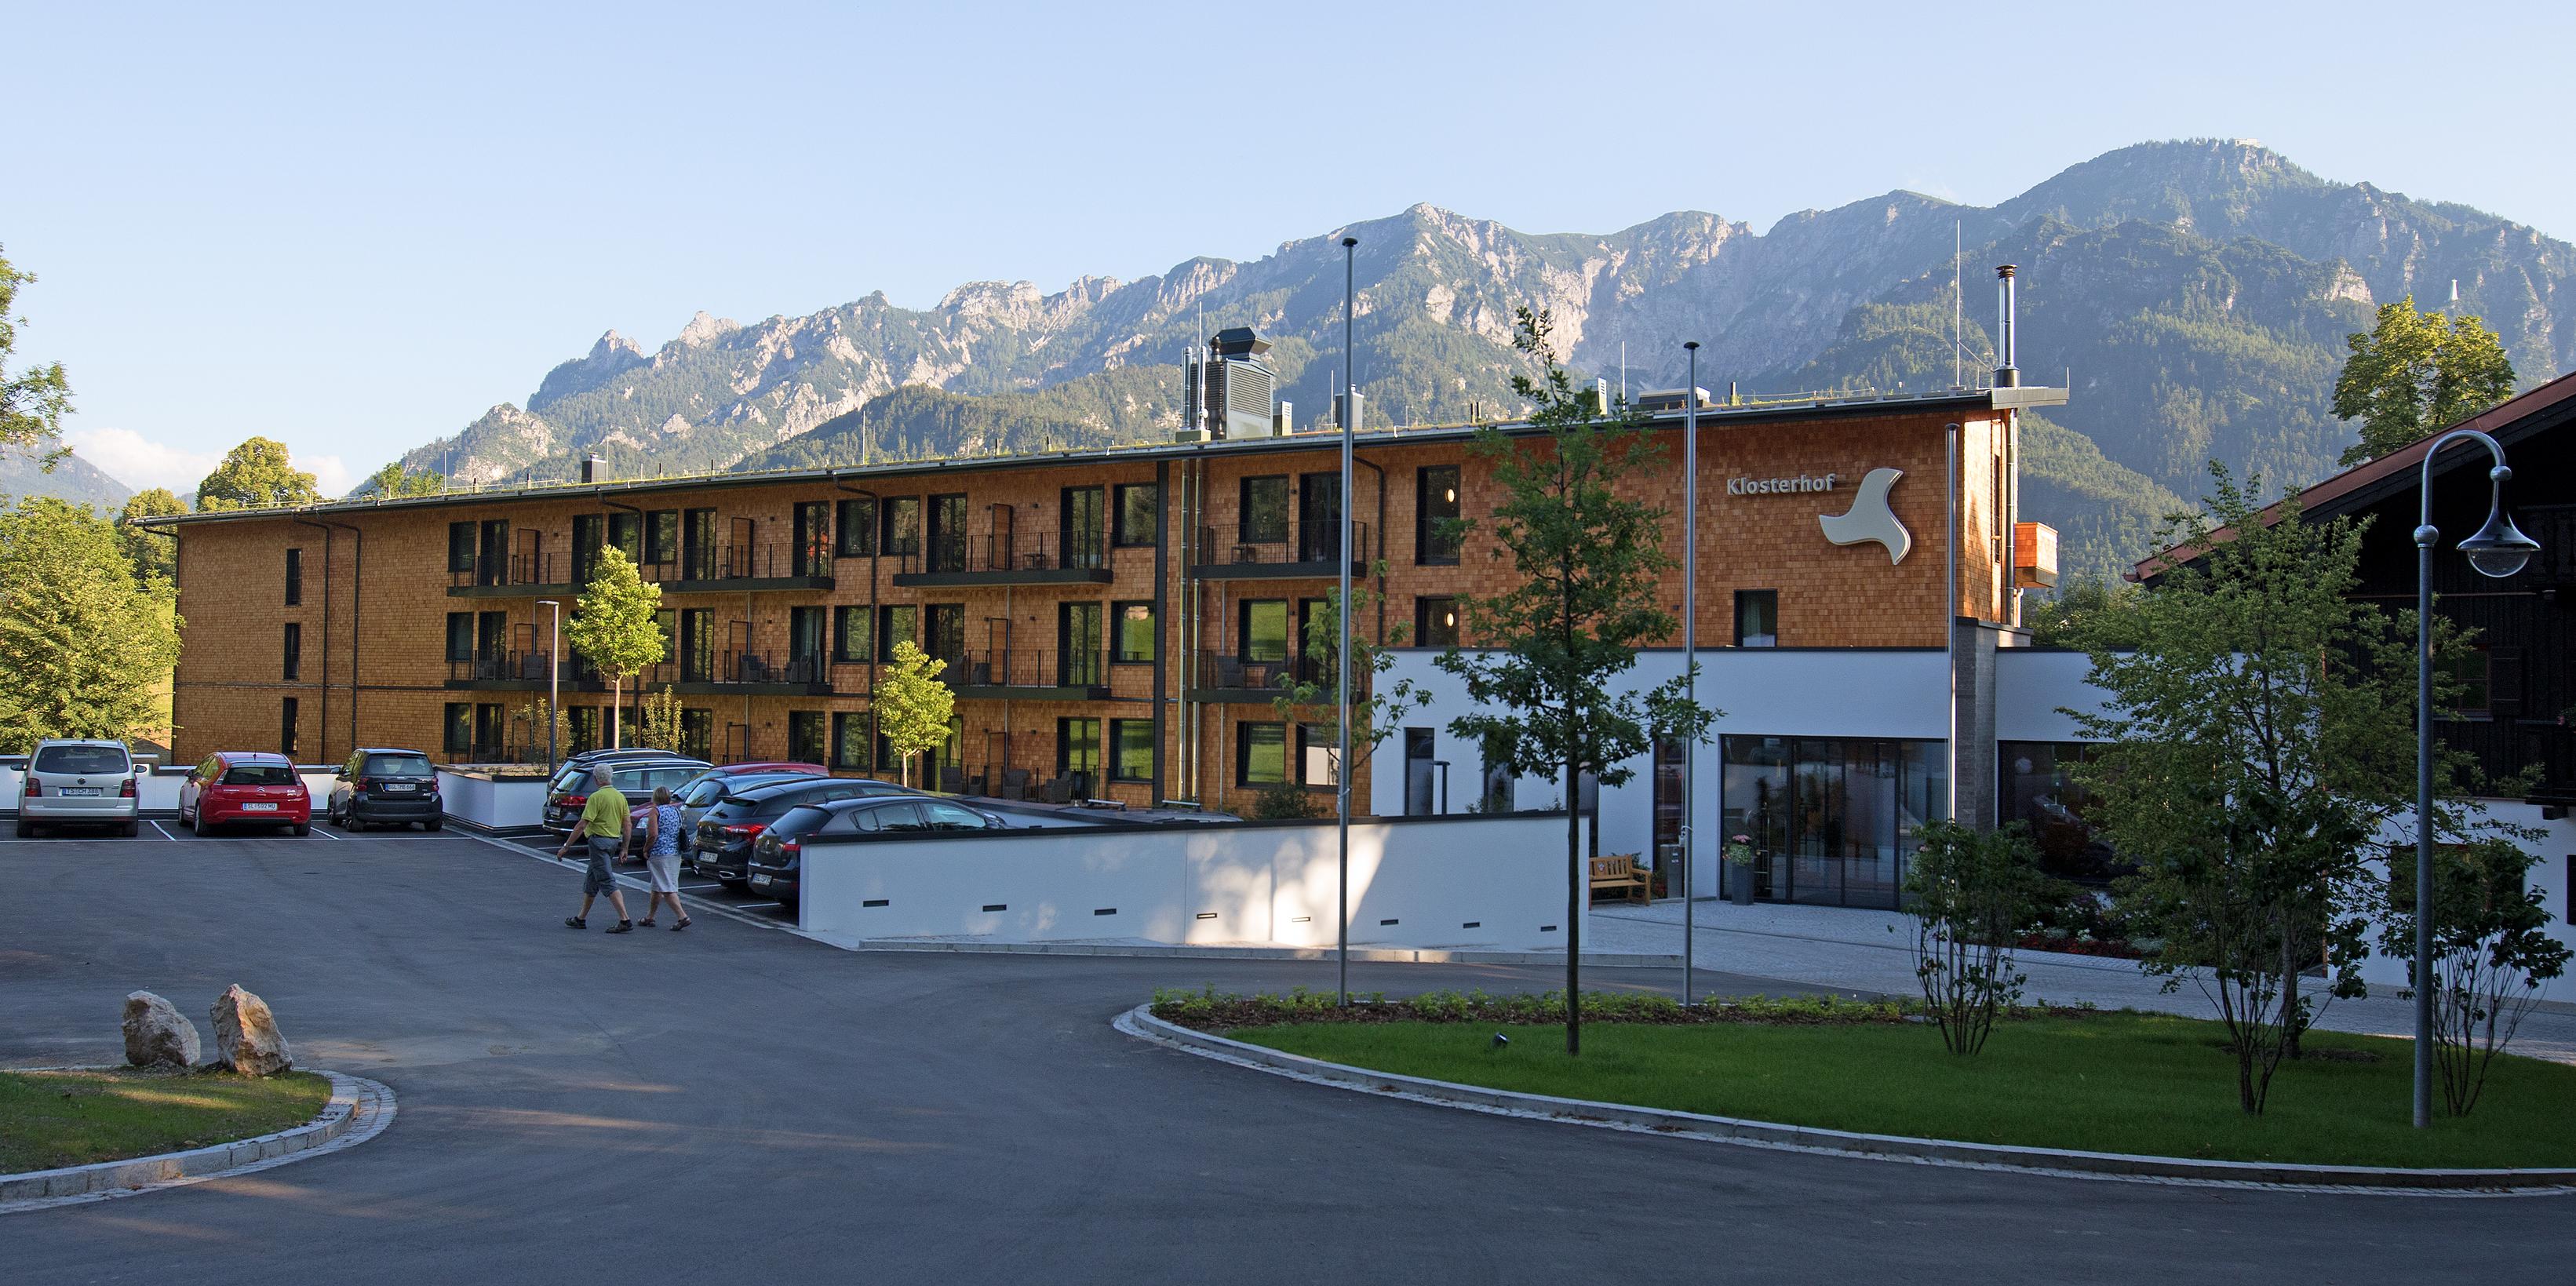 Klosterhof-Bayerisch-Gmain-der-Masterplan-für-die-Hotelentwicklung